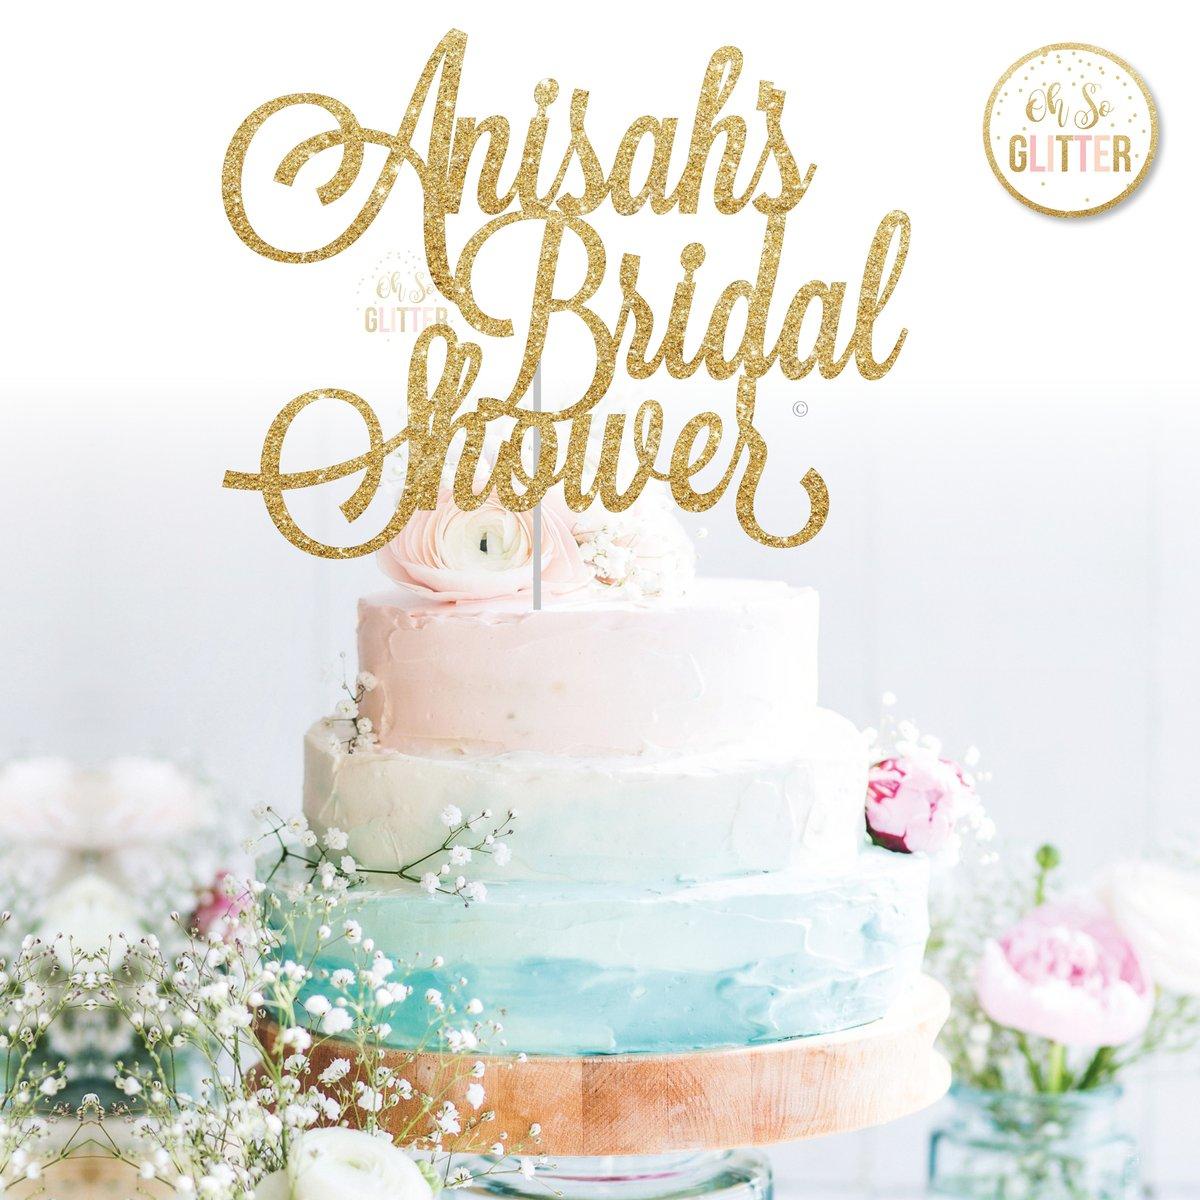 Bridal Shower Cake Topper | Oh So Glitter